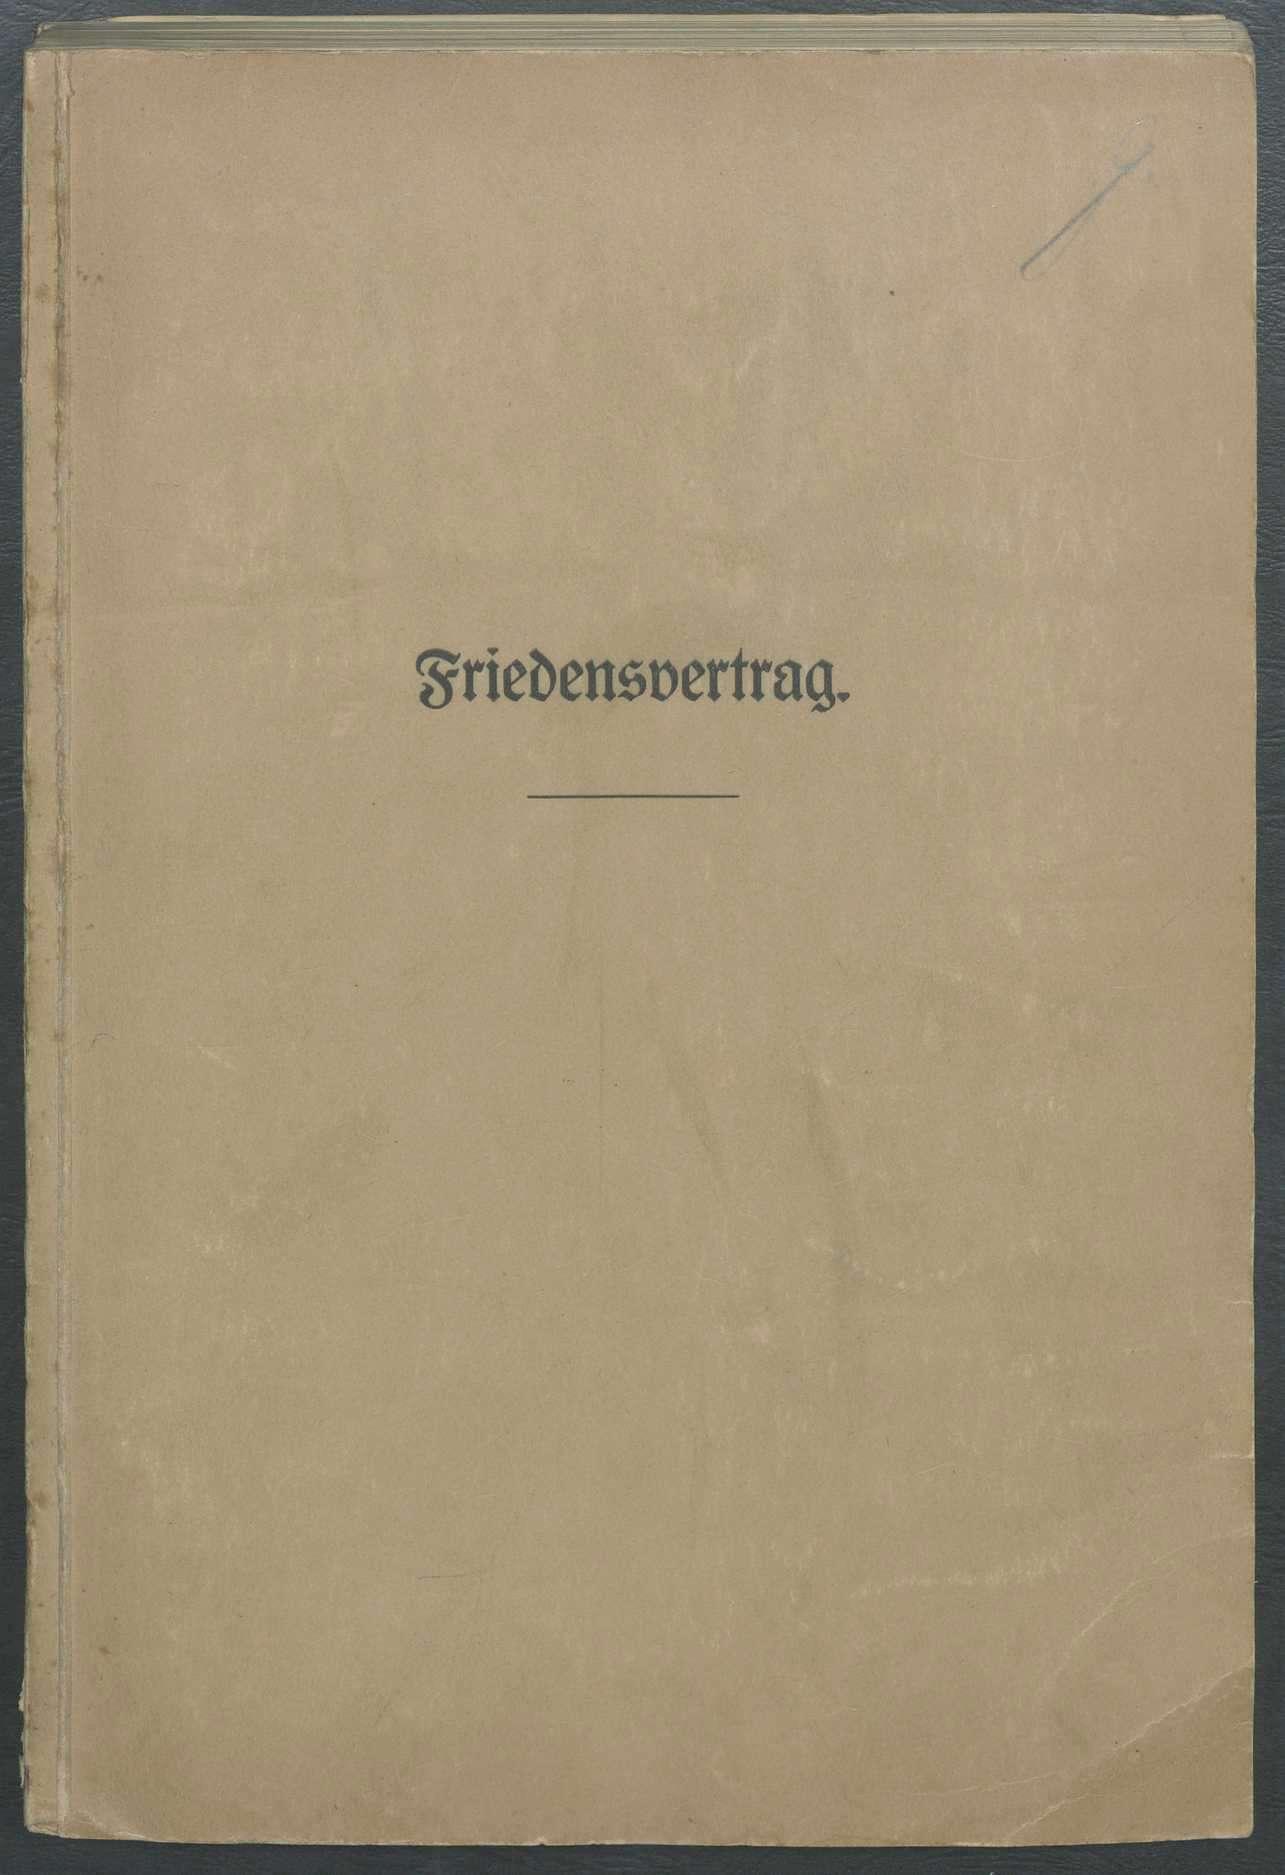 Wortlaut des Friedensvertrags von Versailles, Bild 1